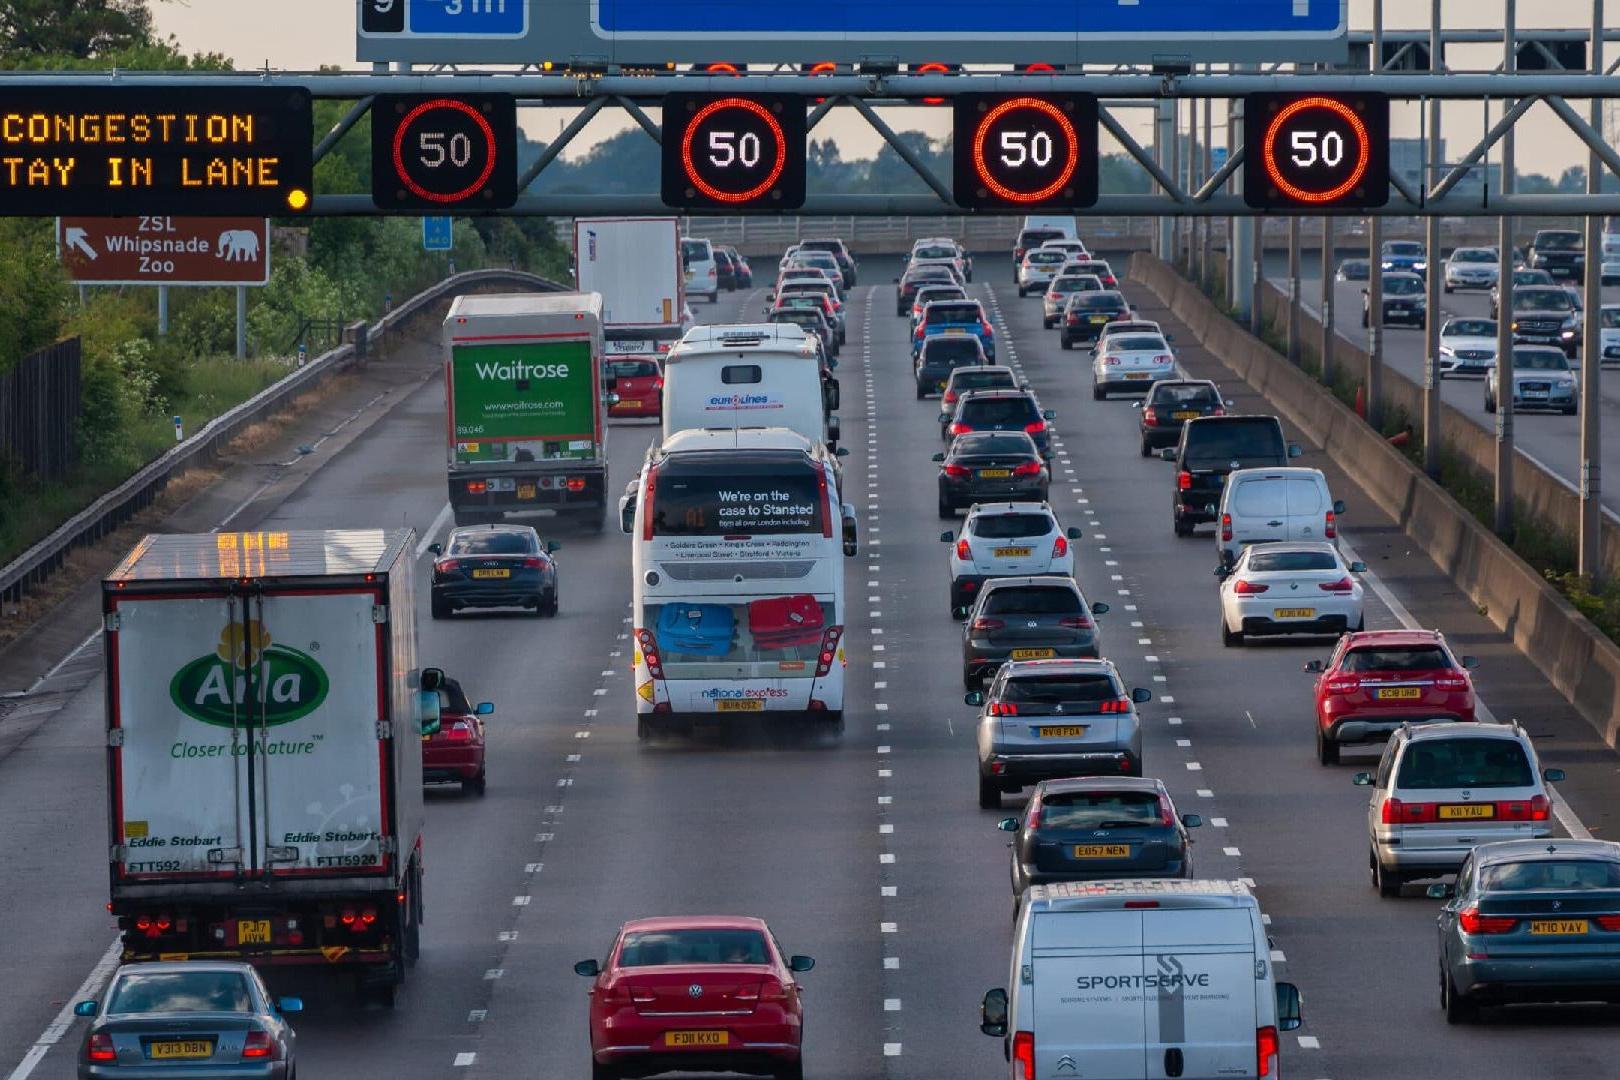 Reino Unido proibirá carros a gasolina até 2030 visando zerar emissões